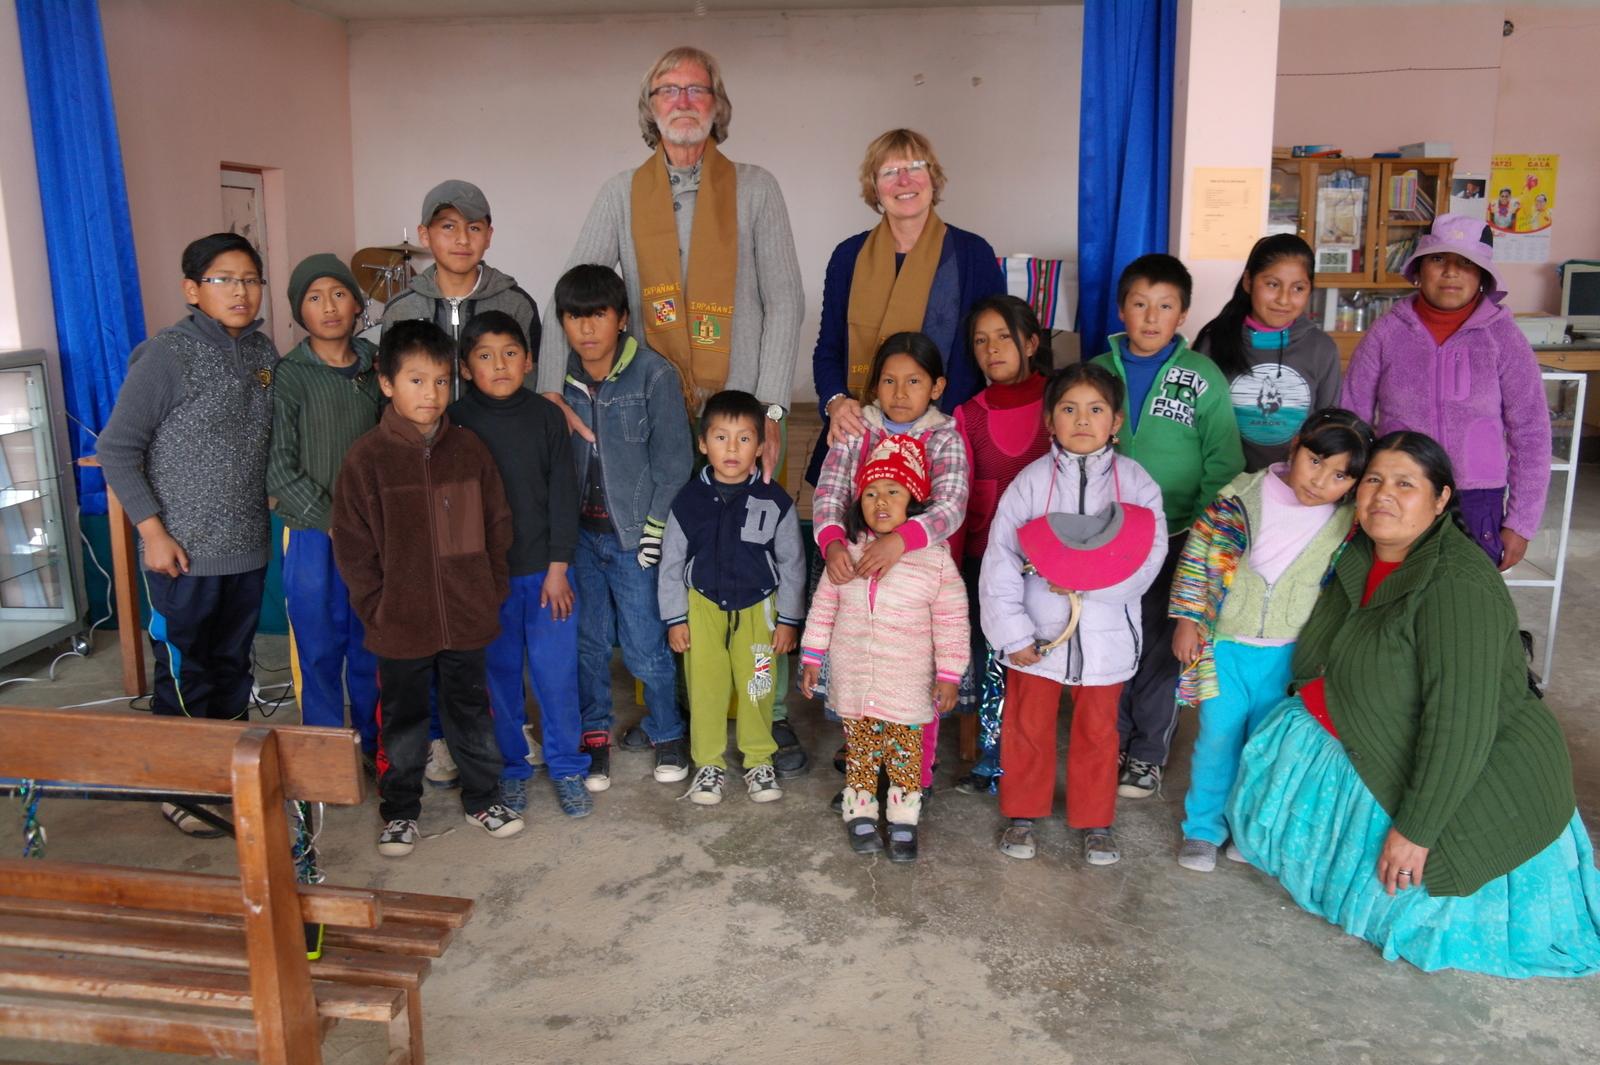 15 op vrijdag zijn er veel kinderen, veel gezelligheid en zingen en een welkomstfeestje voor ons!